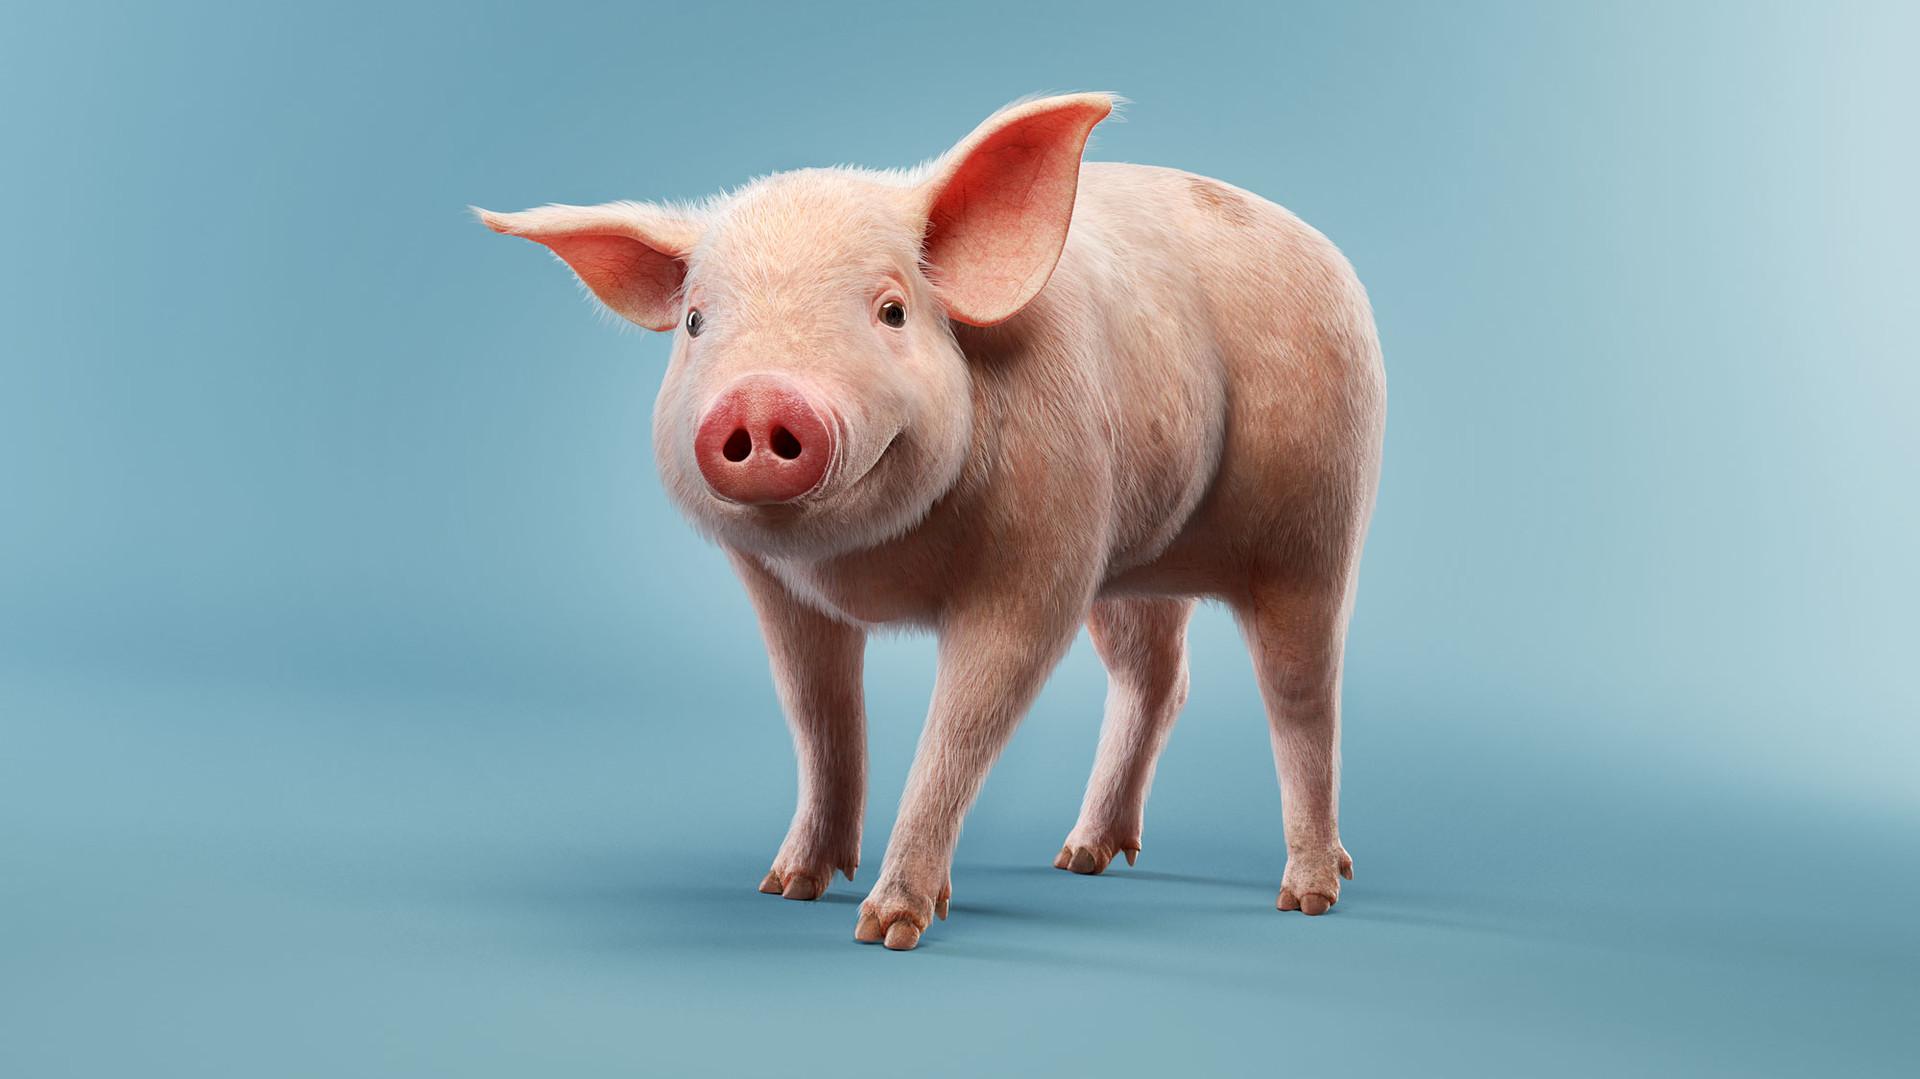 Luis ramos porco1